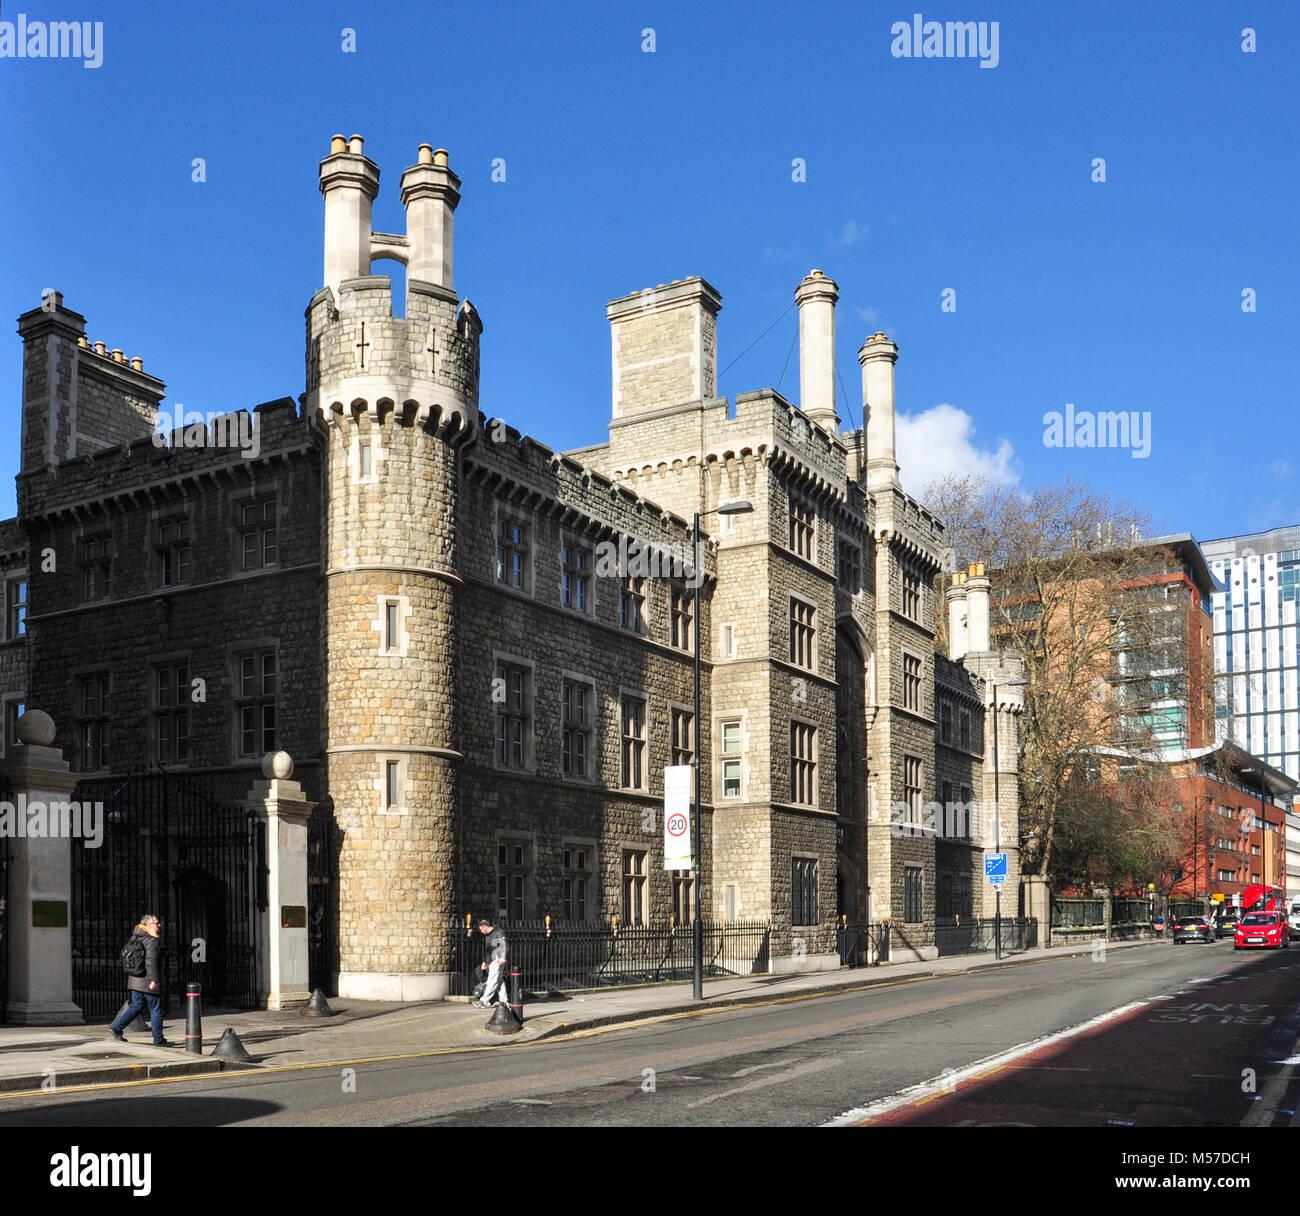 La Honorable Compañía de artillería, Finsbury Barracas, City Road, Londres, Inglaterra, Reino Unido. Imagen De Stock